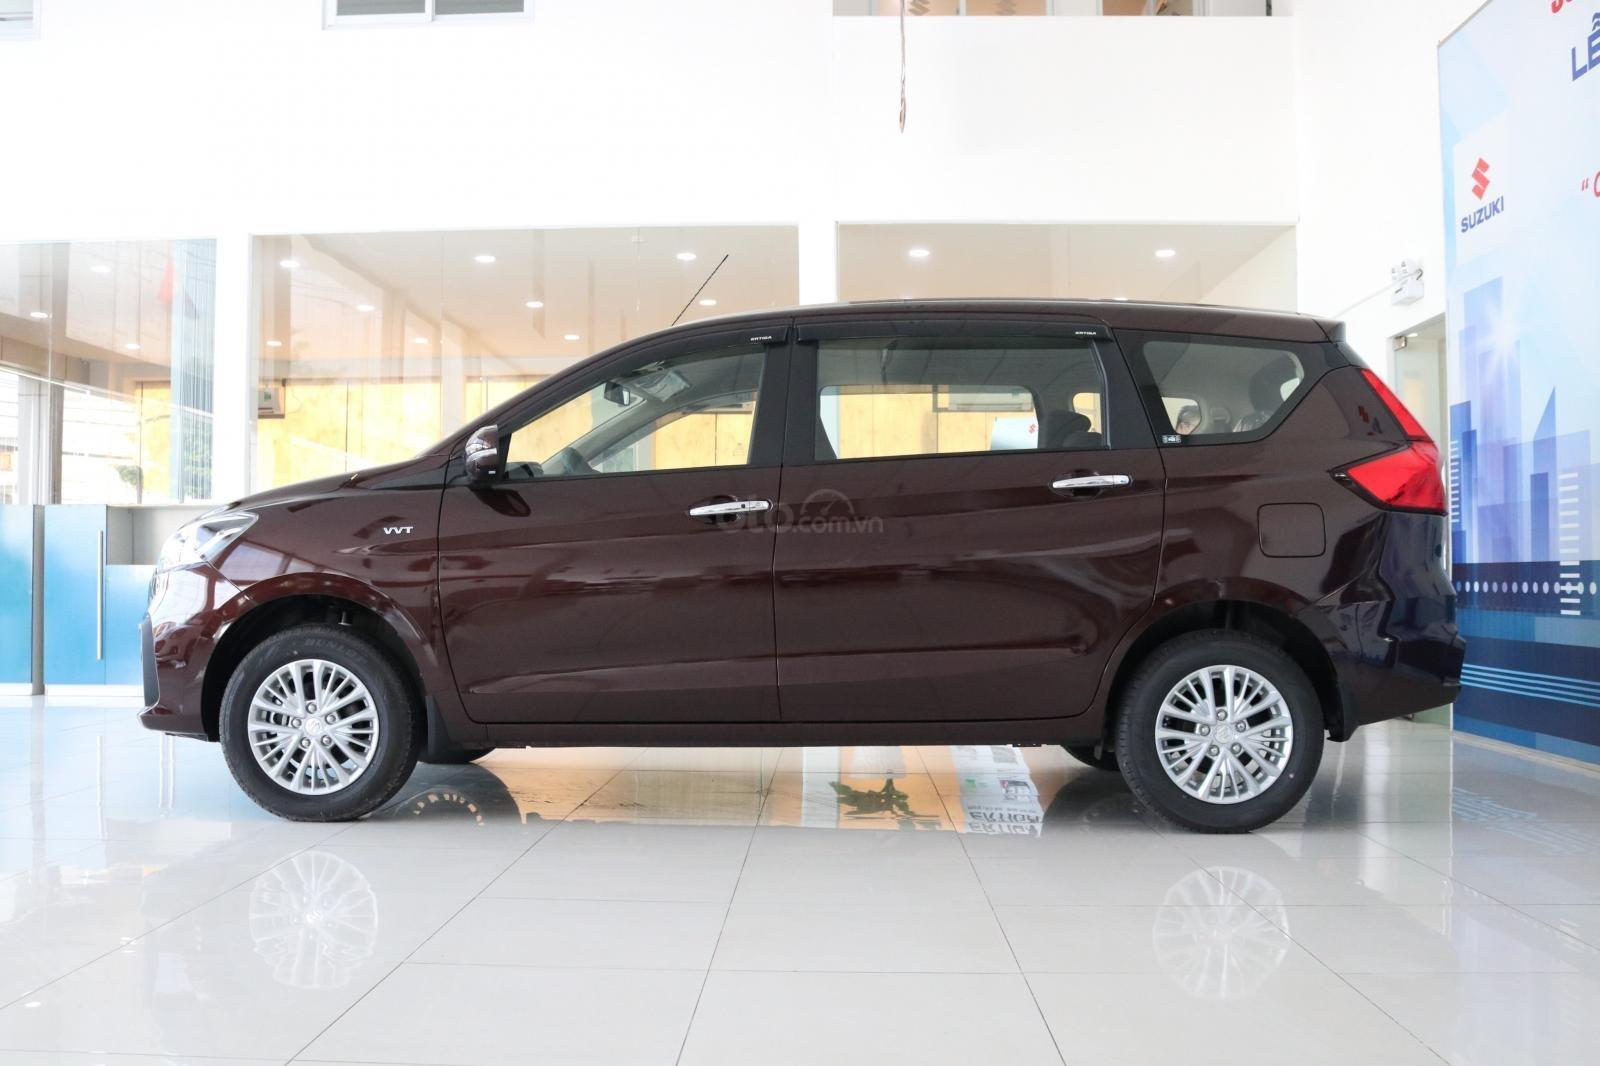 Bán xe Suzuki Ertiga nhập khẩu giao ngay màu đen, trắng, bạc và nâu liên hệ 0933460777 (1)